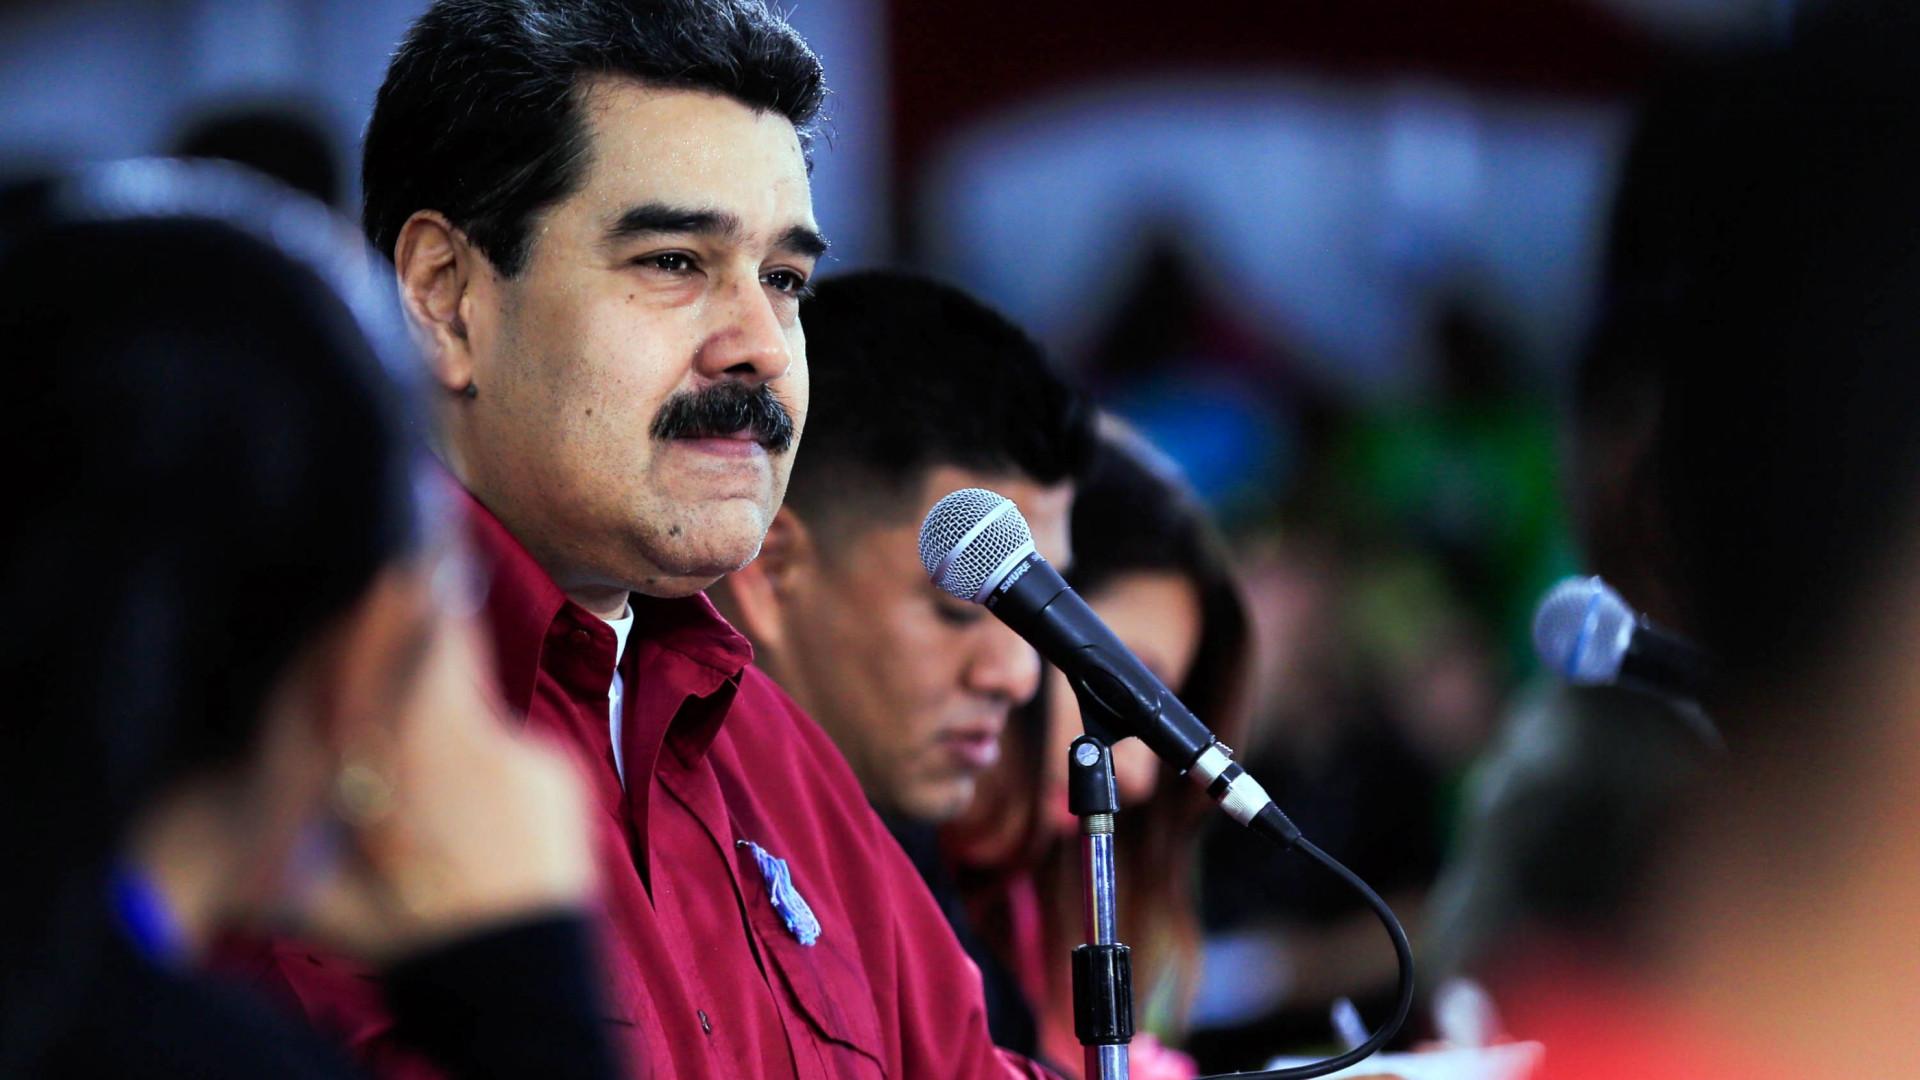 Governo de Maduro não reconhece relatório dos EUA sobre terrorismo